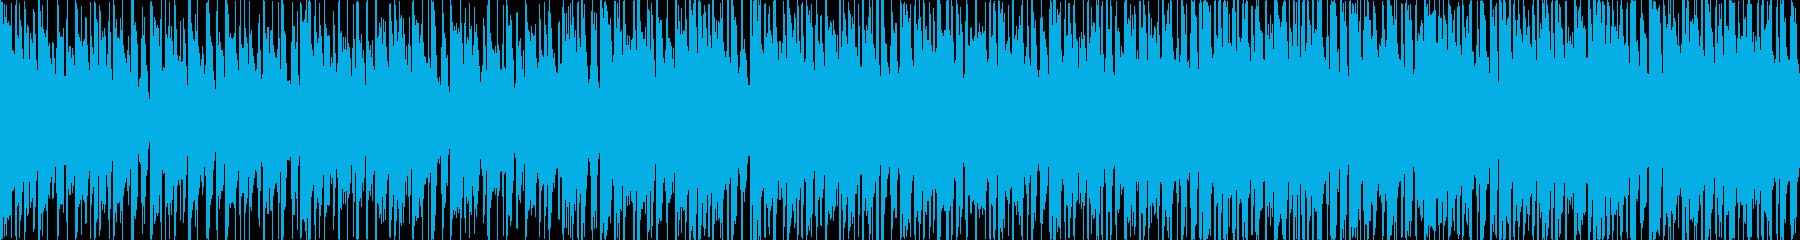 少しダークなテクノ風、アプリなどにの再生済みの波形